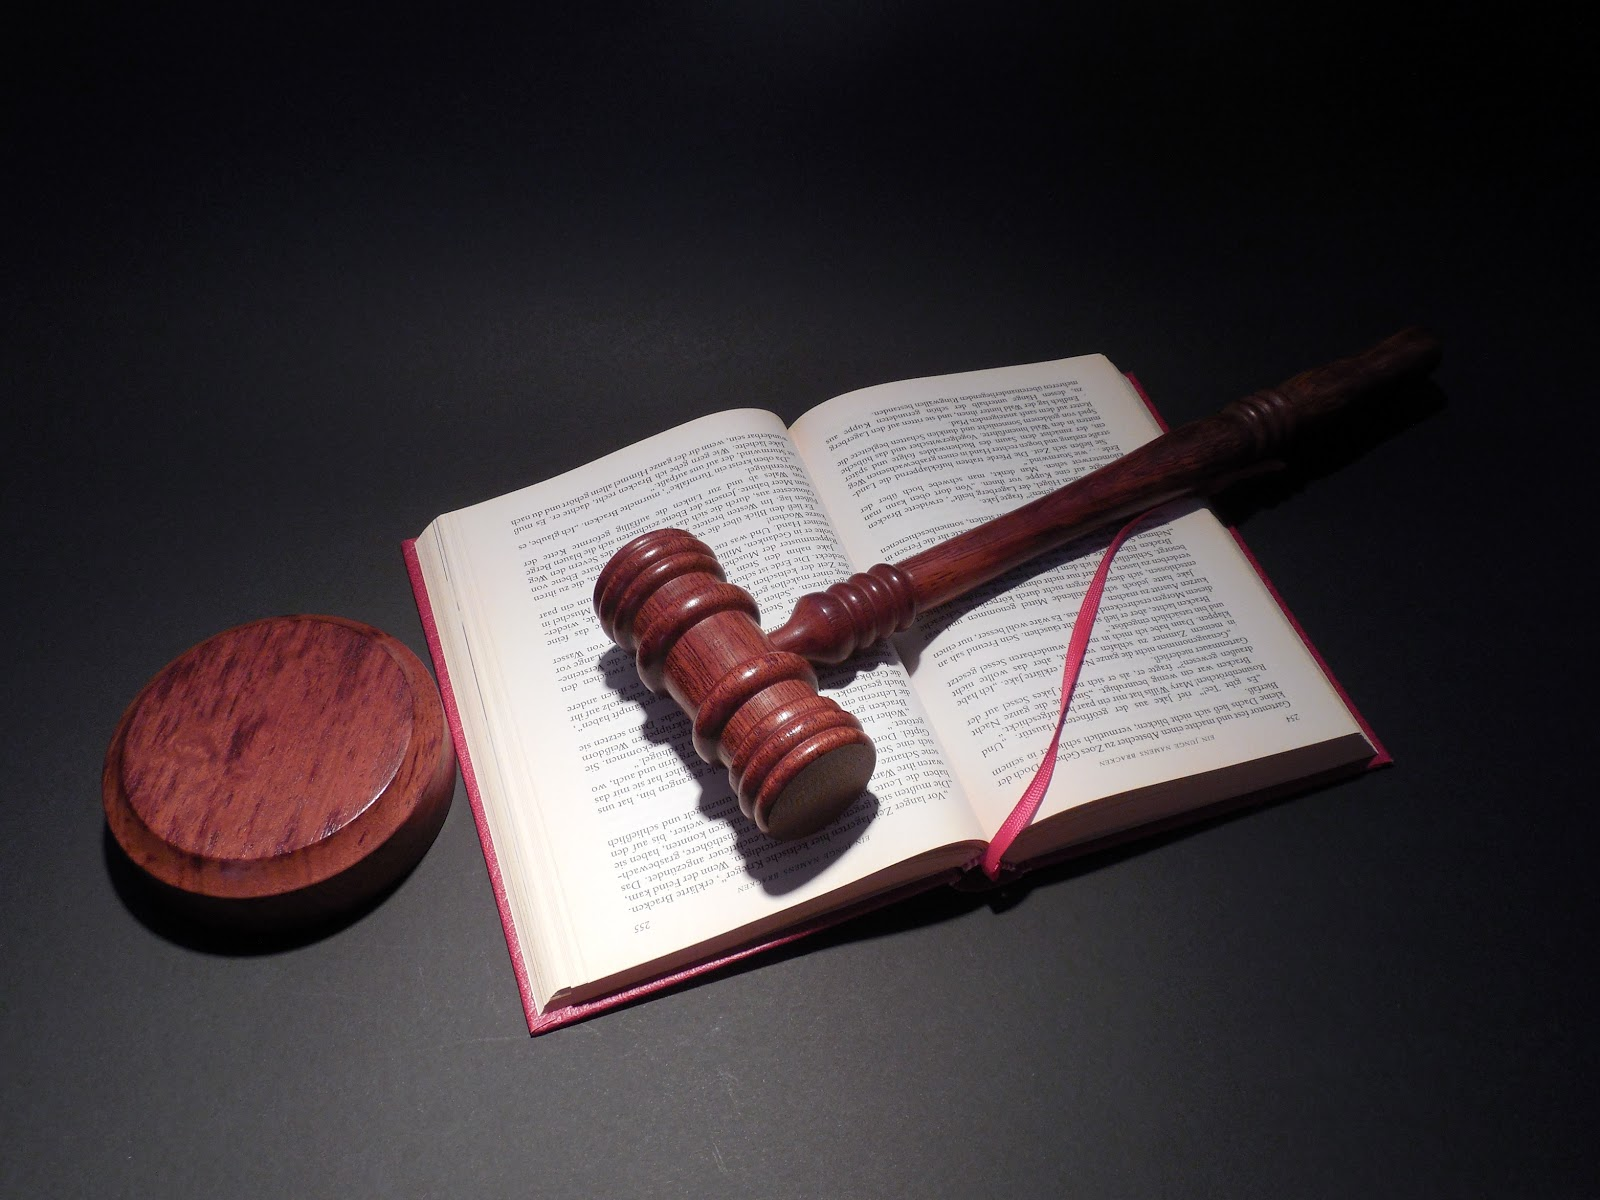 Richterhammer auf Gesetzbuch in rotem Einband